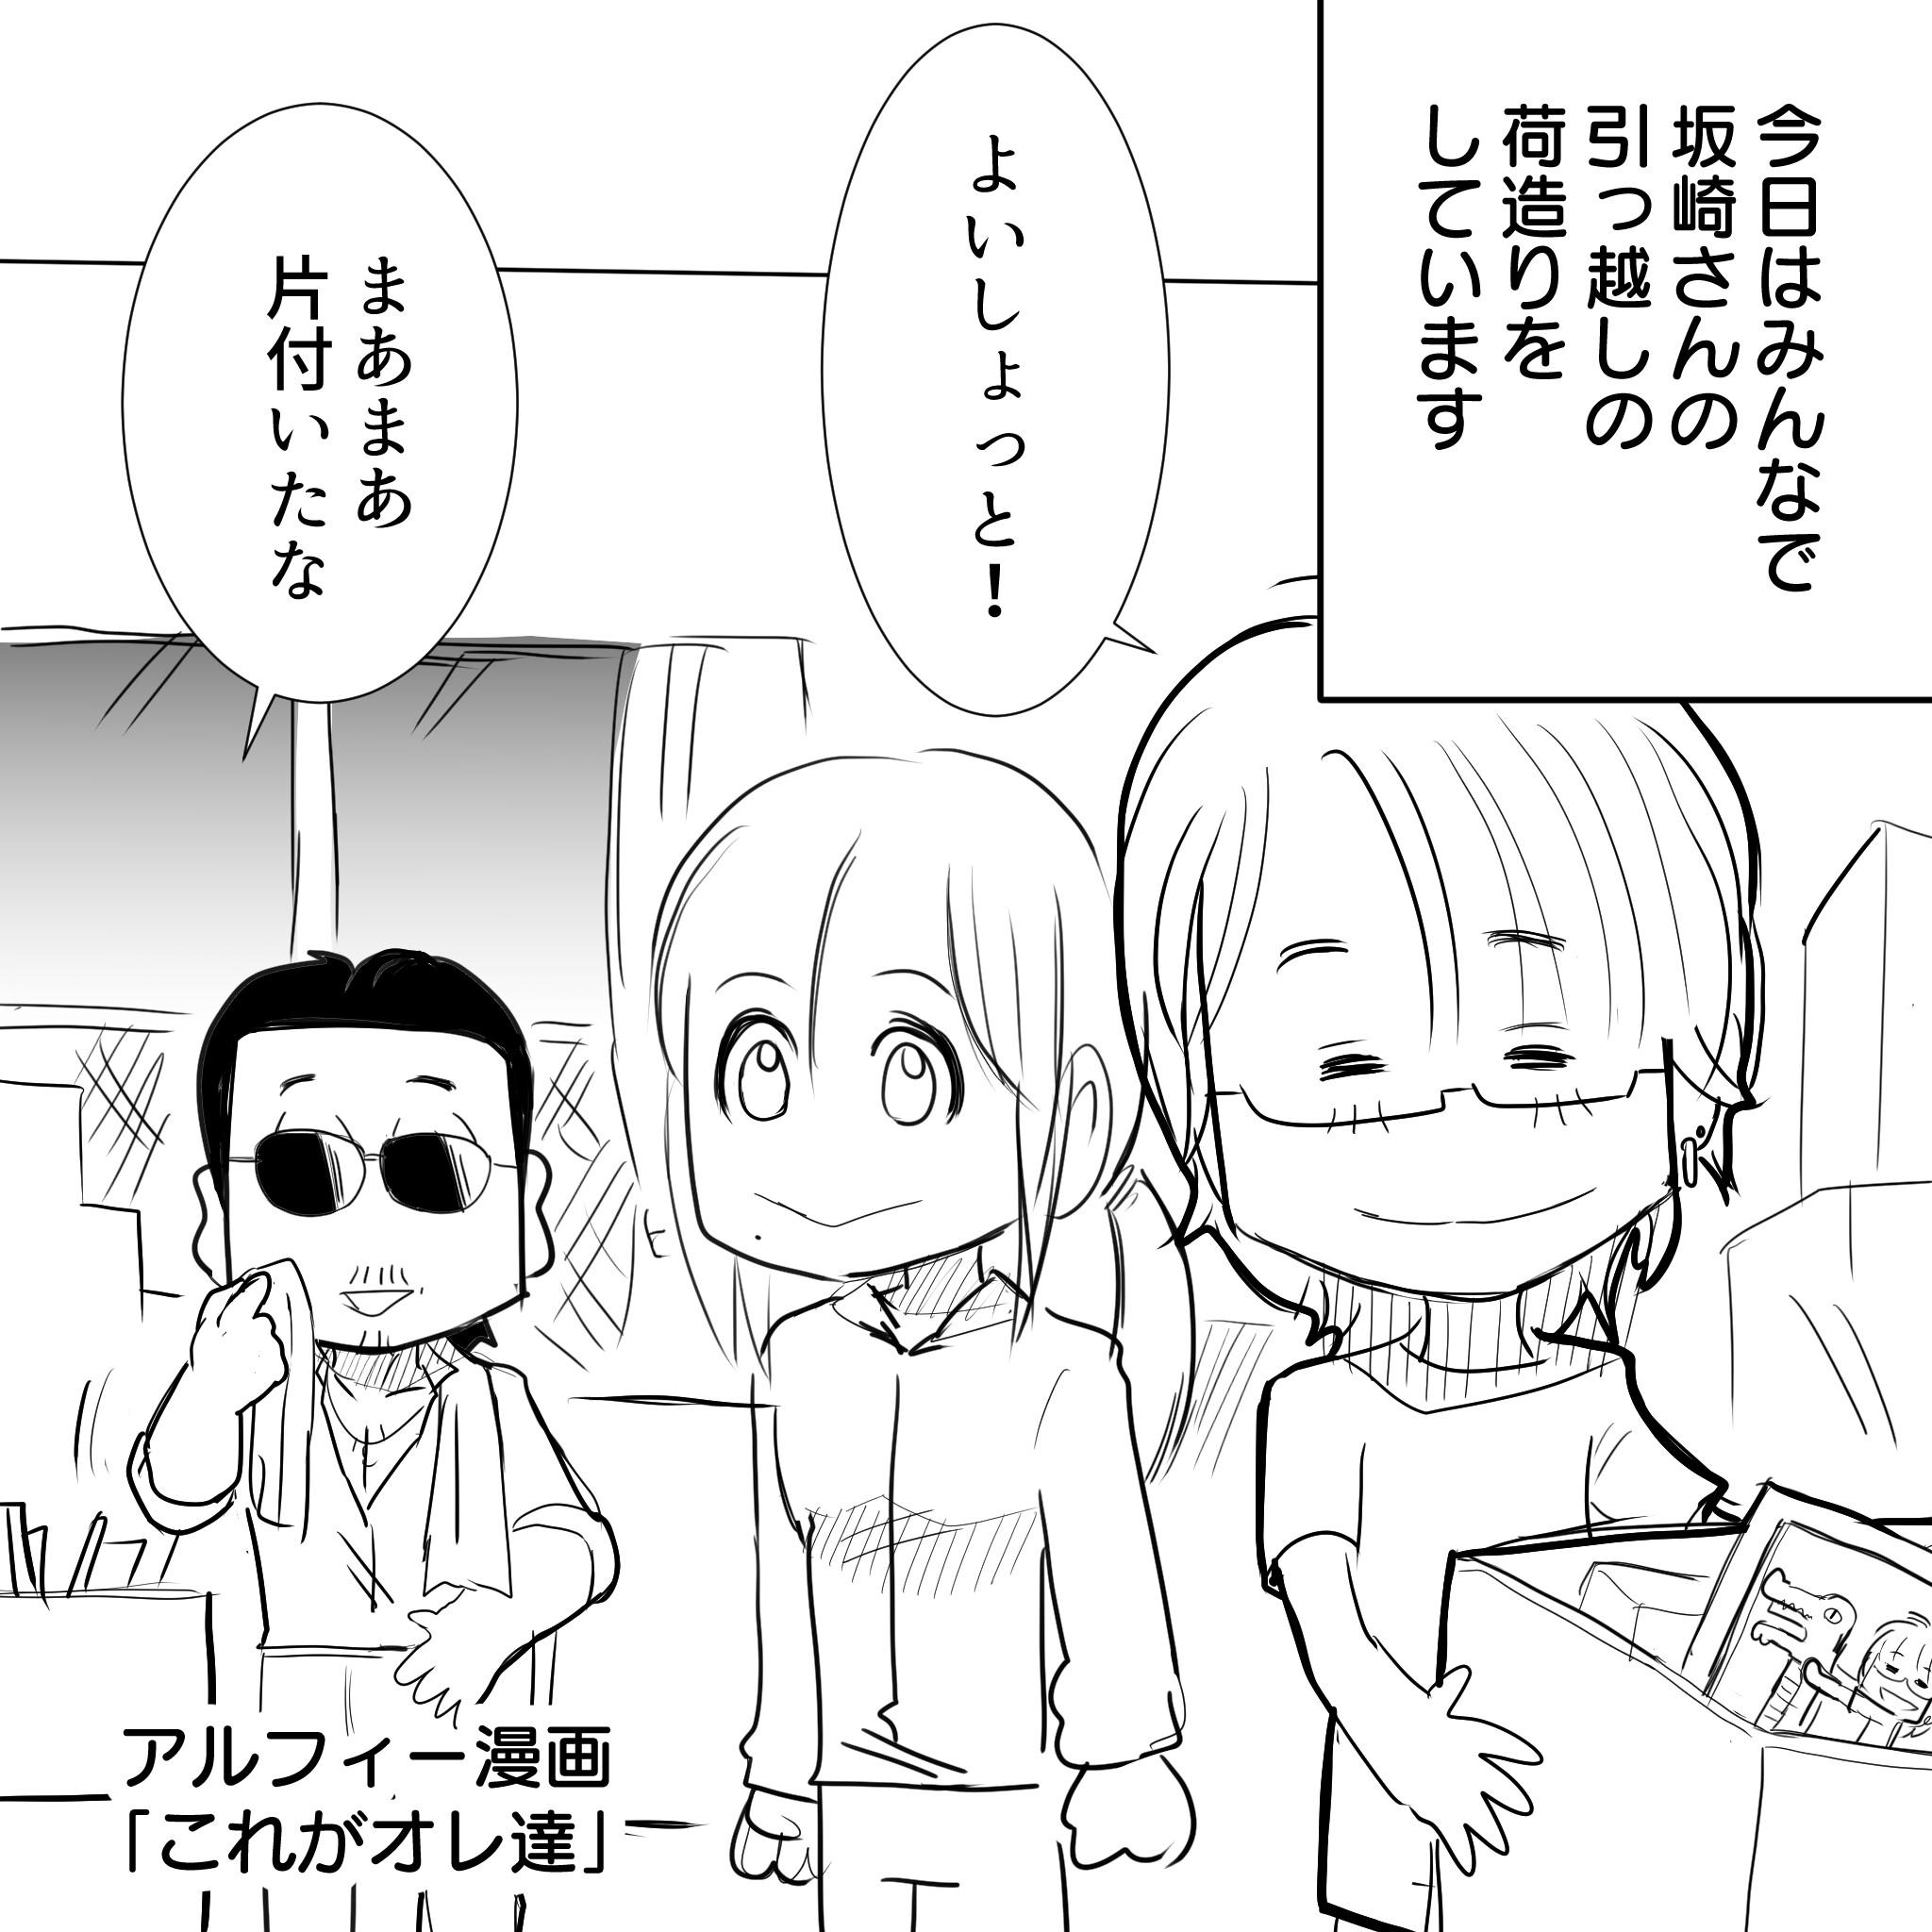 坂崎さん個性つよい1